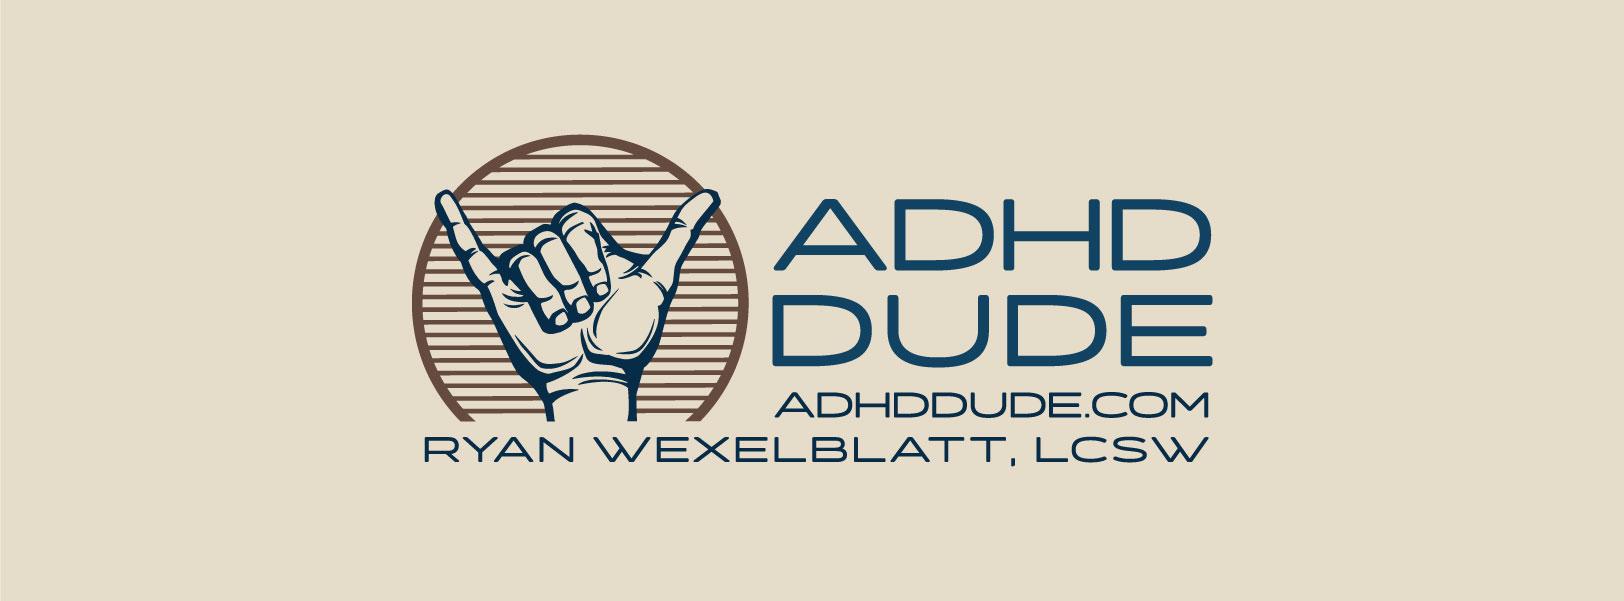 ryan-wexelblatt-adhd-dude